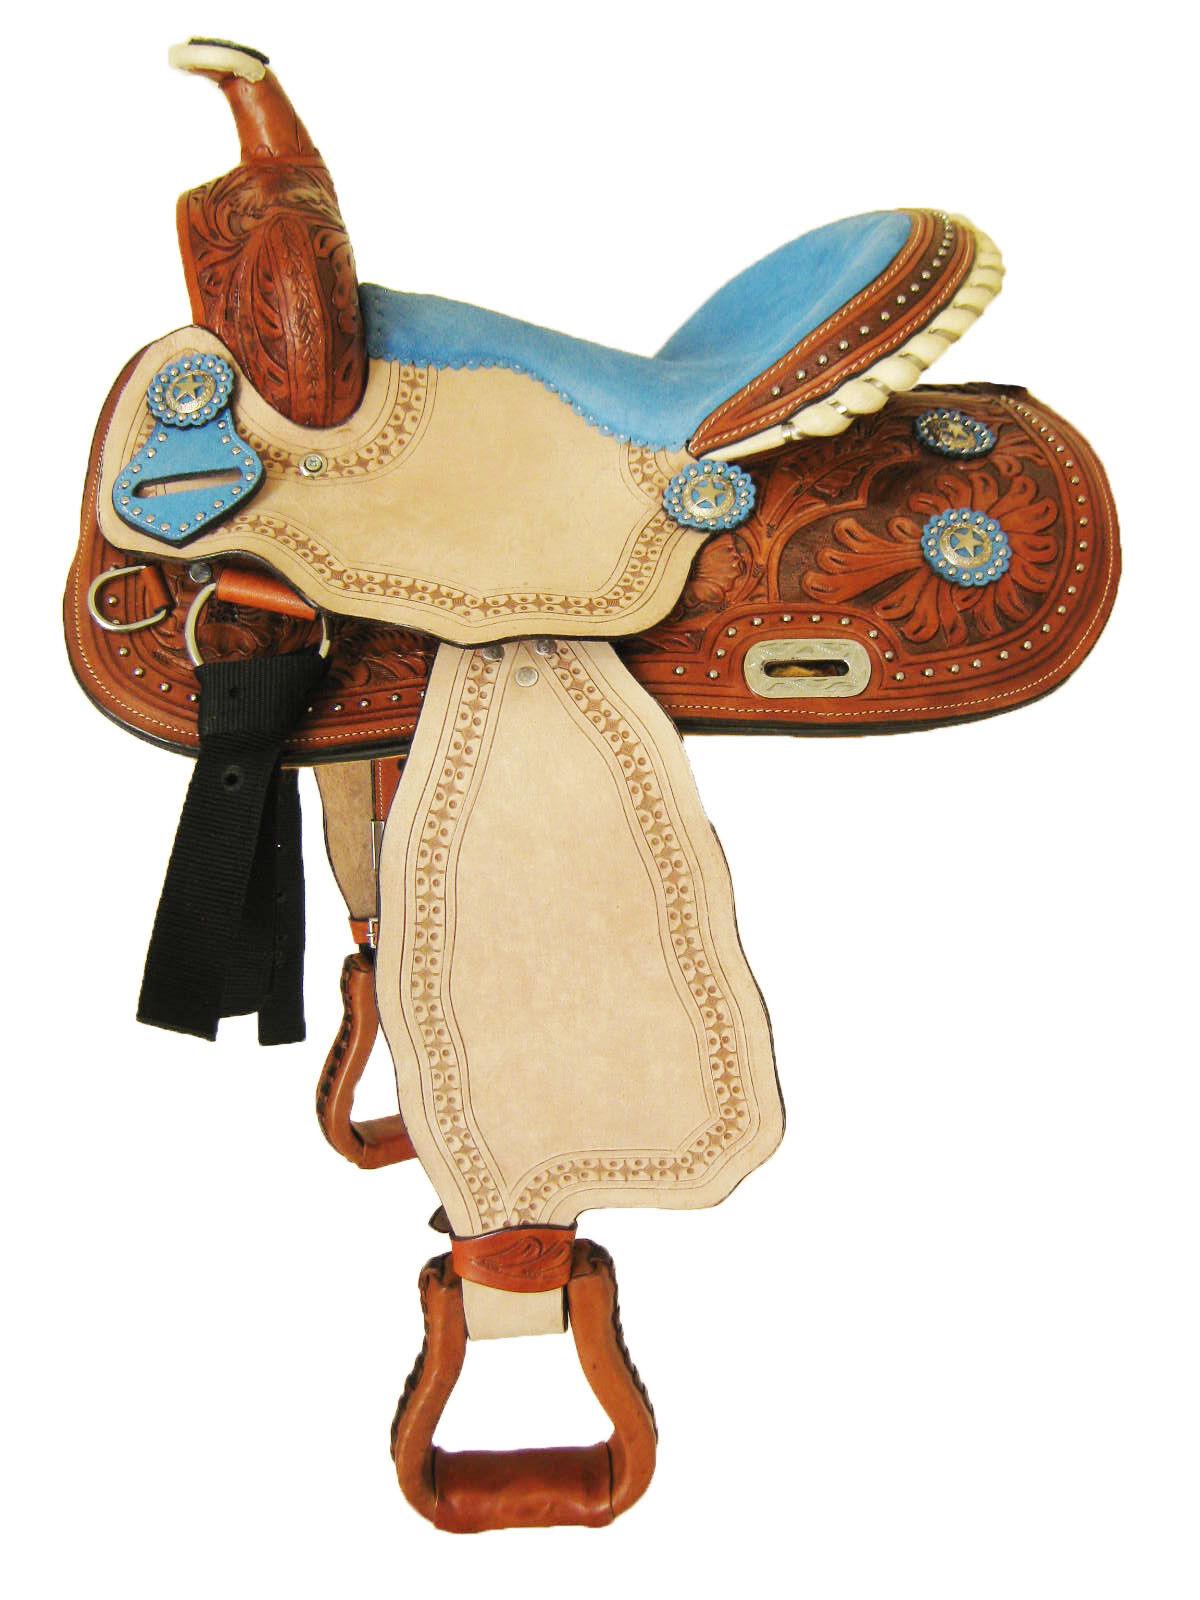 Thsl  Juego de silla de montar de cuero occidental Pony barril tan-Azul Seat 13  (WLP_1119)